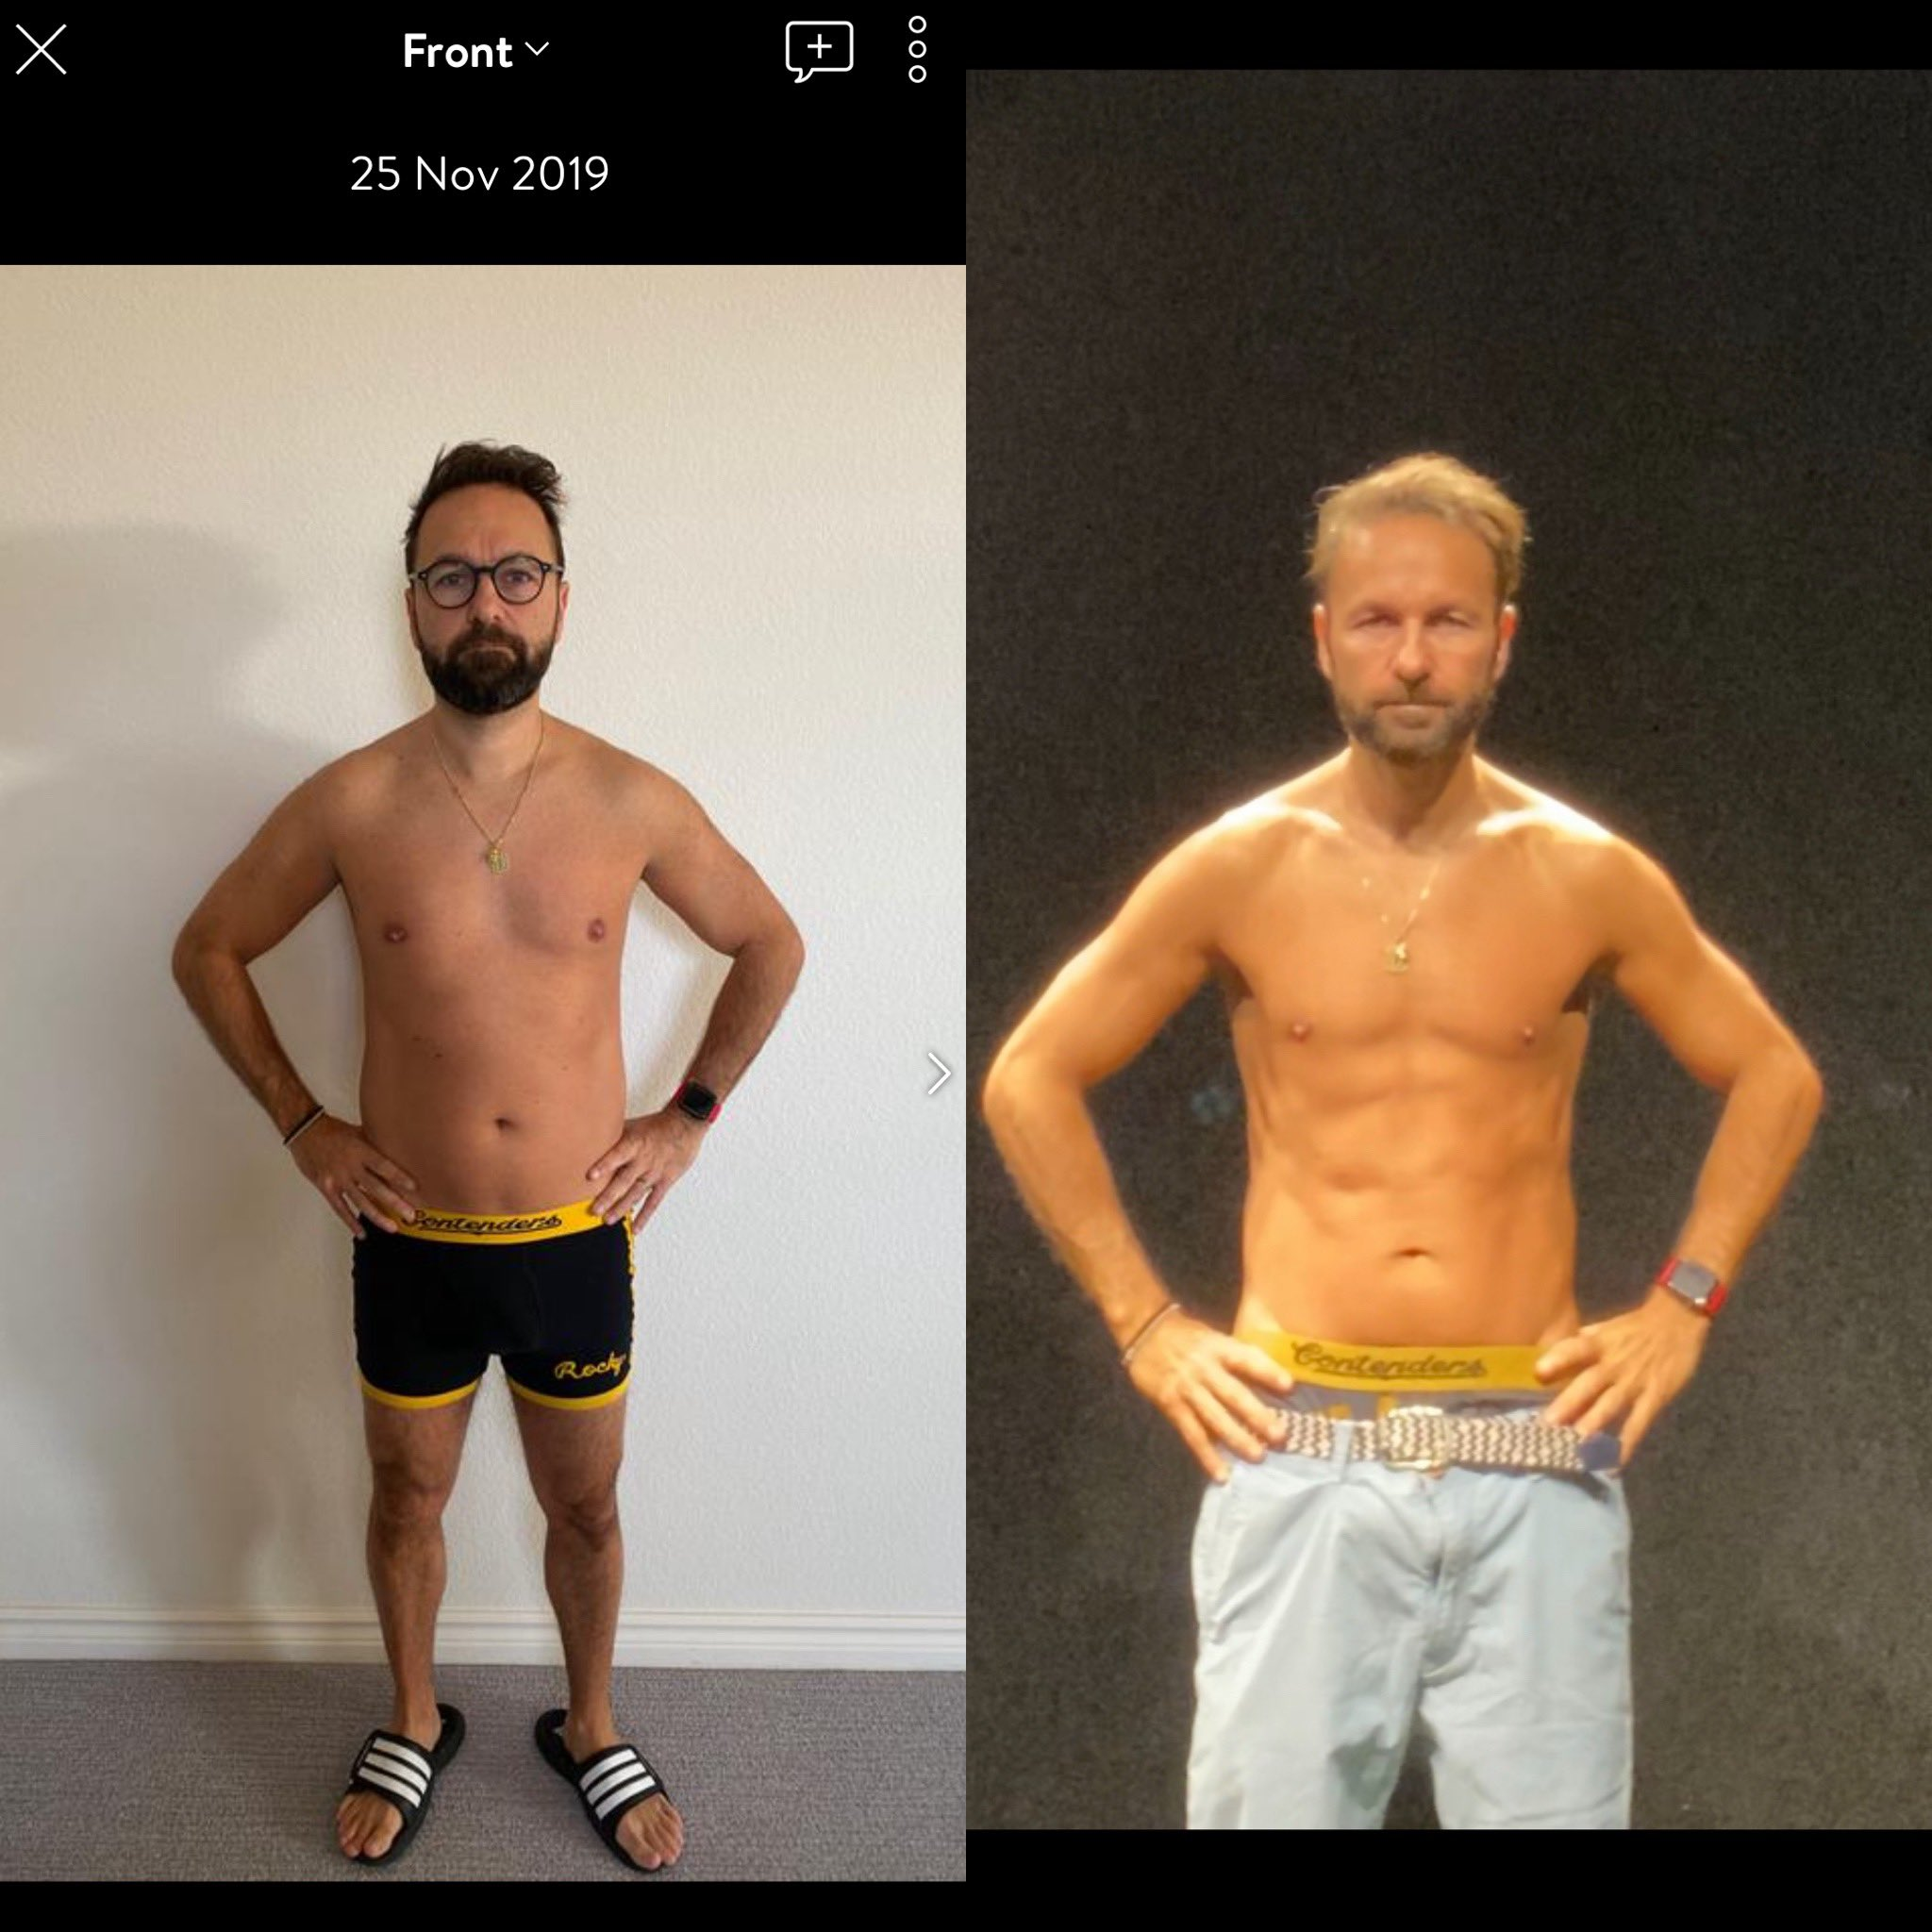 Daniel Negreanu fitness progress